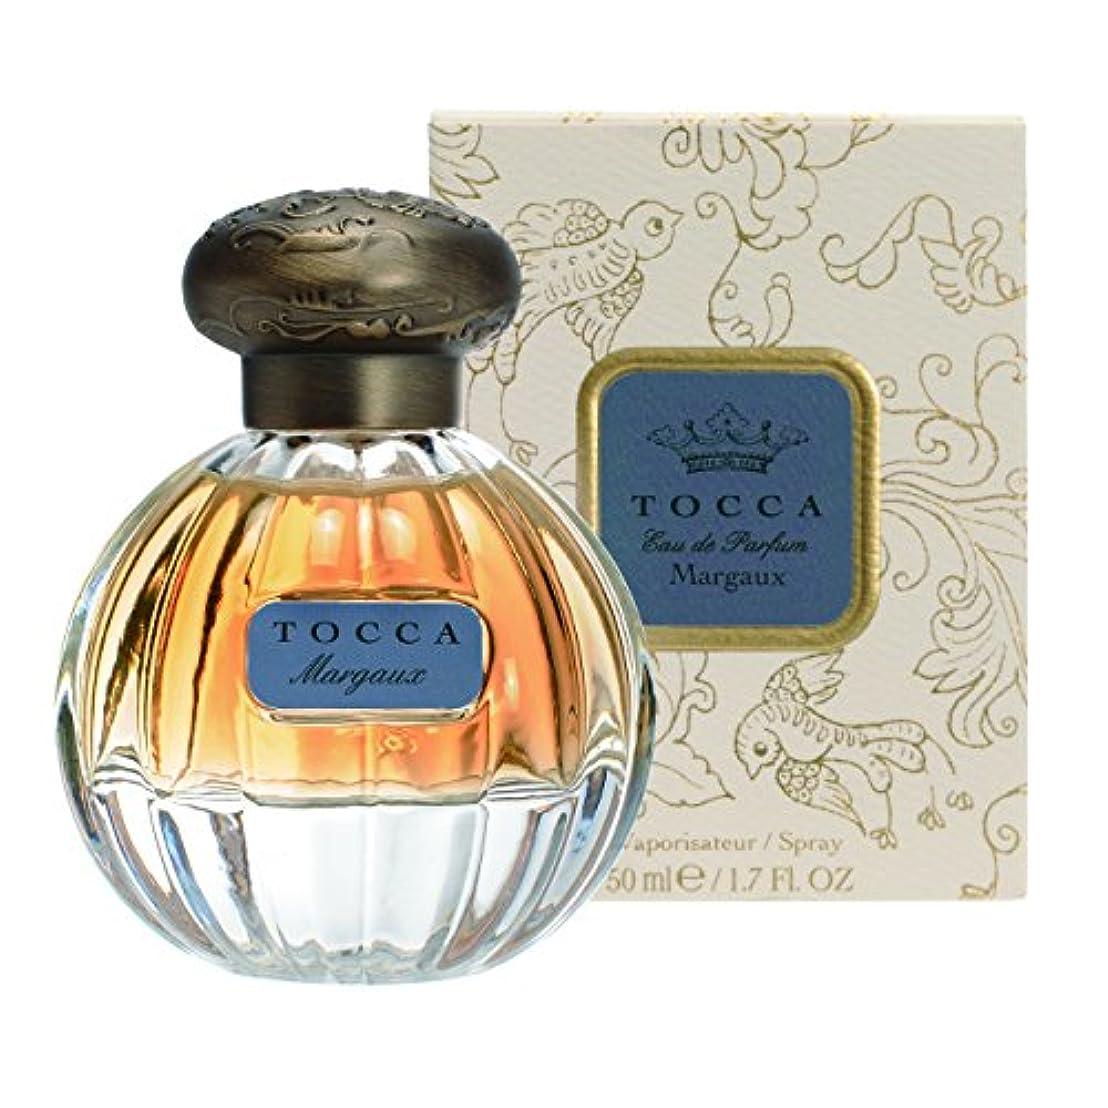 しない戦士発掘するトッカ(TOCCA) オードパルファム マルゴーの香り 50ml(香水 永遠の愛を思わせるフローラルとカシミヤウッド、ムスクの甘い温かみにバニラのアクセントが加わった香り)